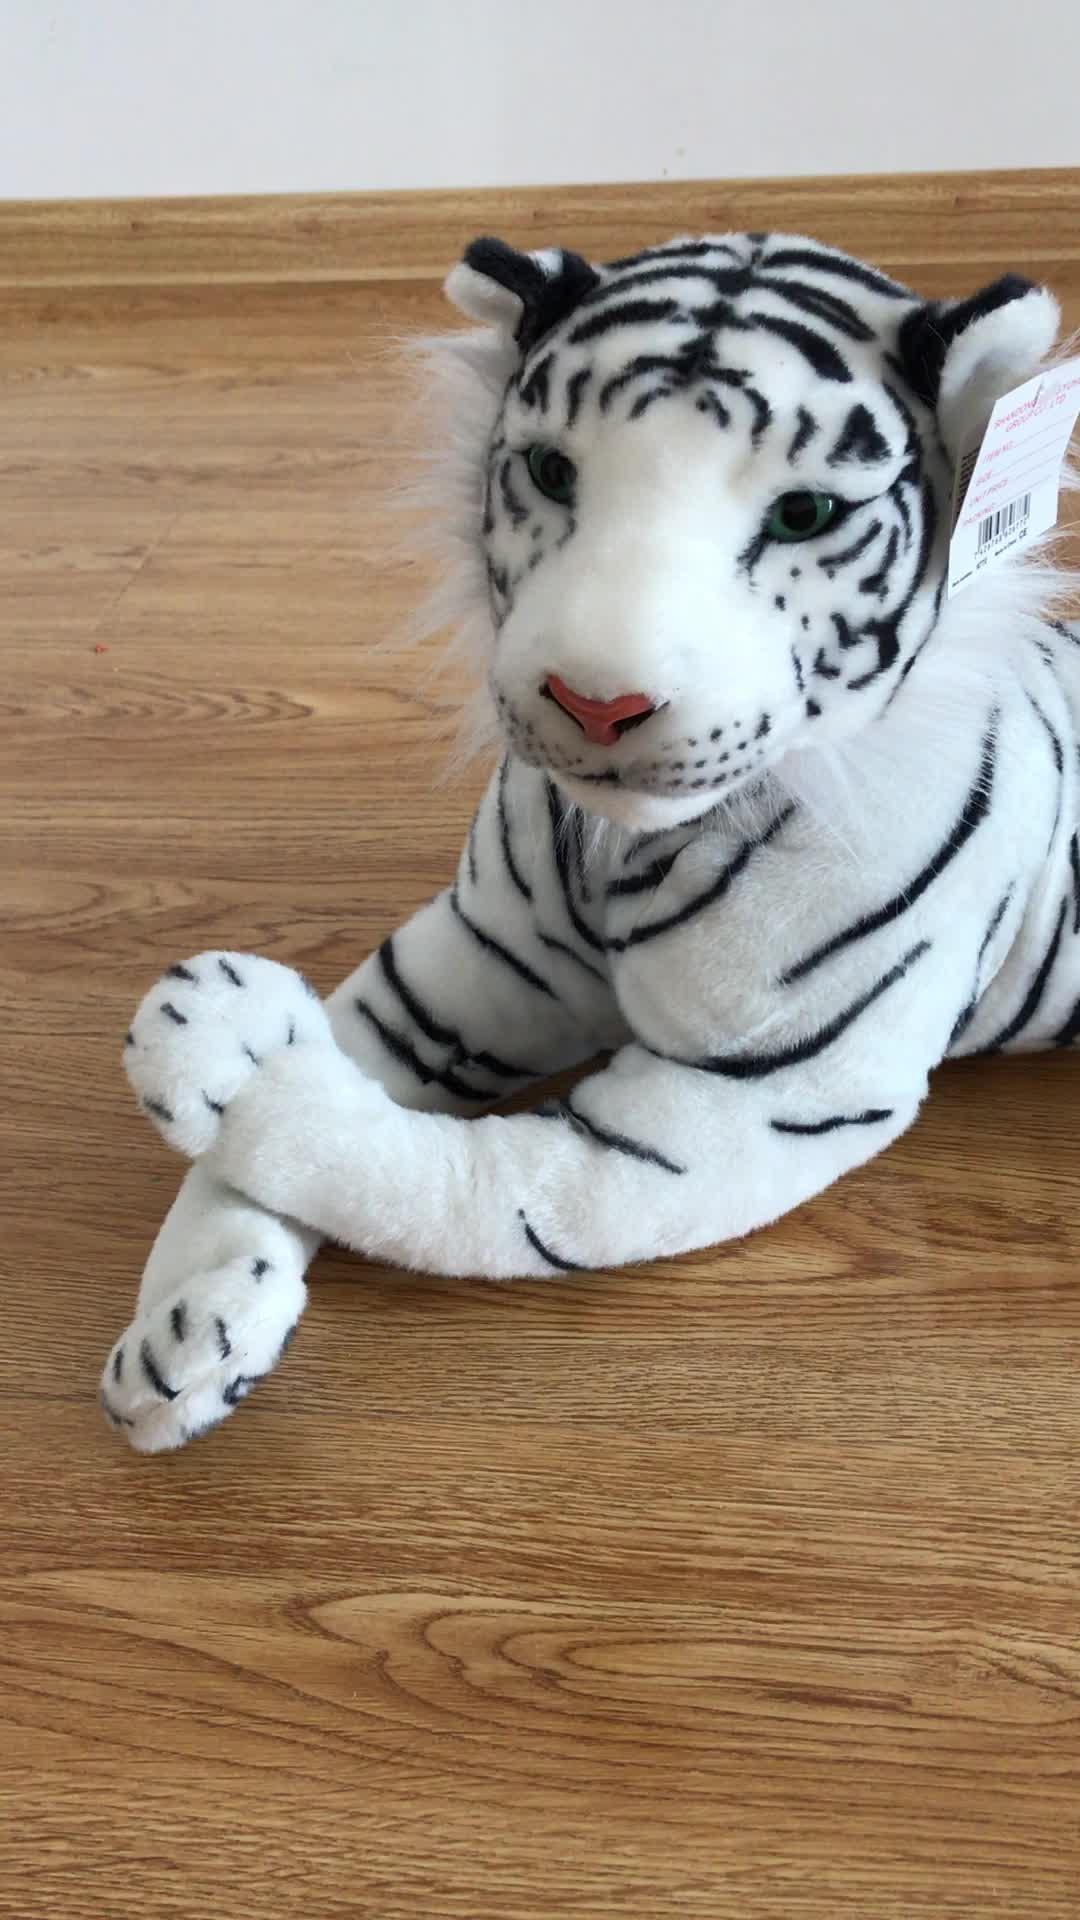 Realistico Della Tigre Di Peluche Farcito Sdraiato Tigre Bianca